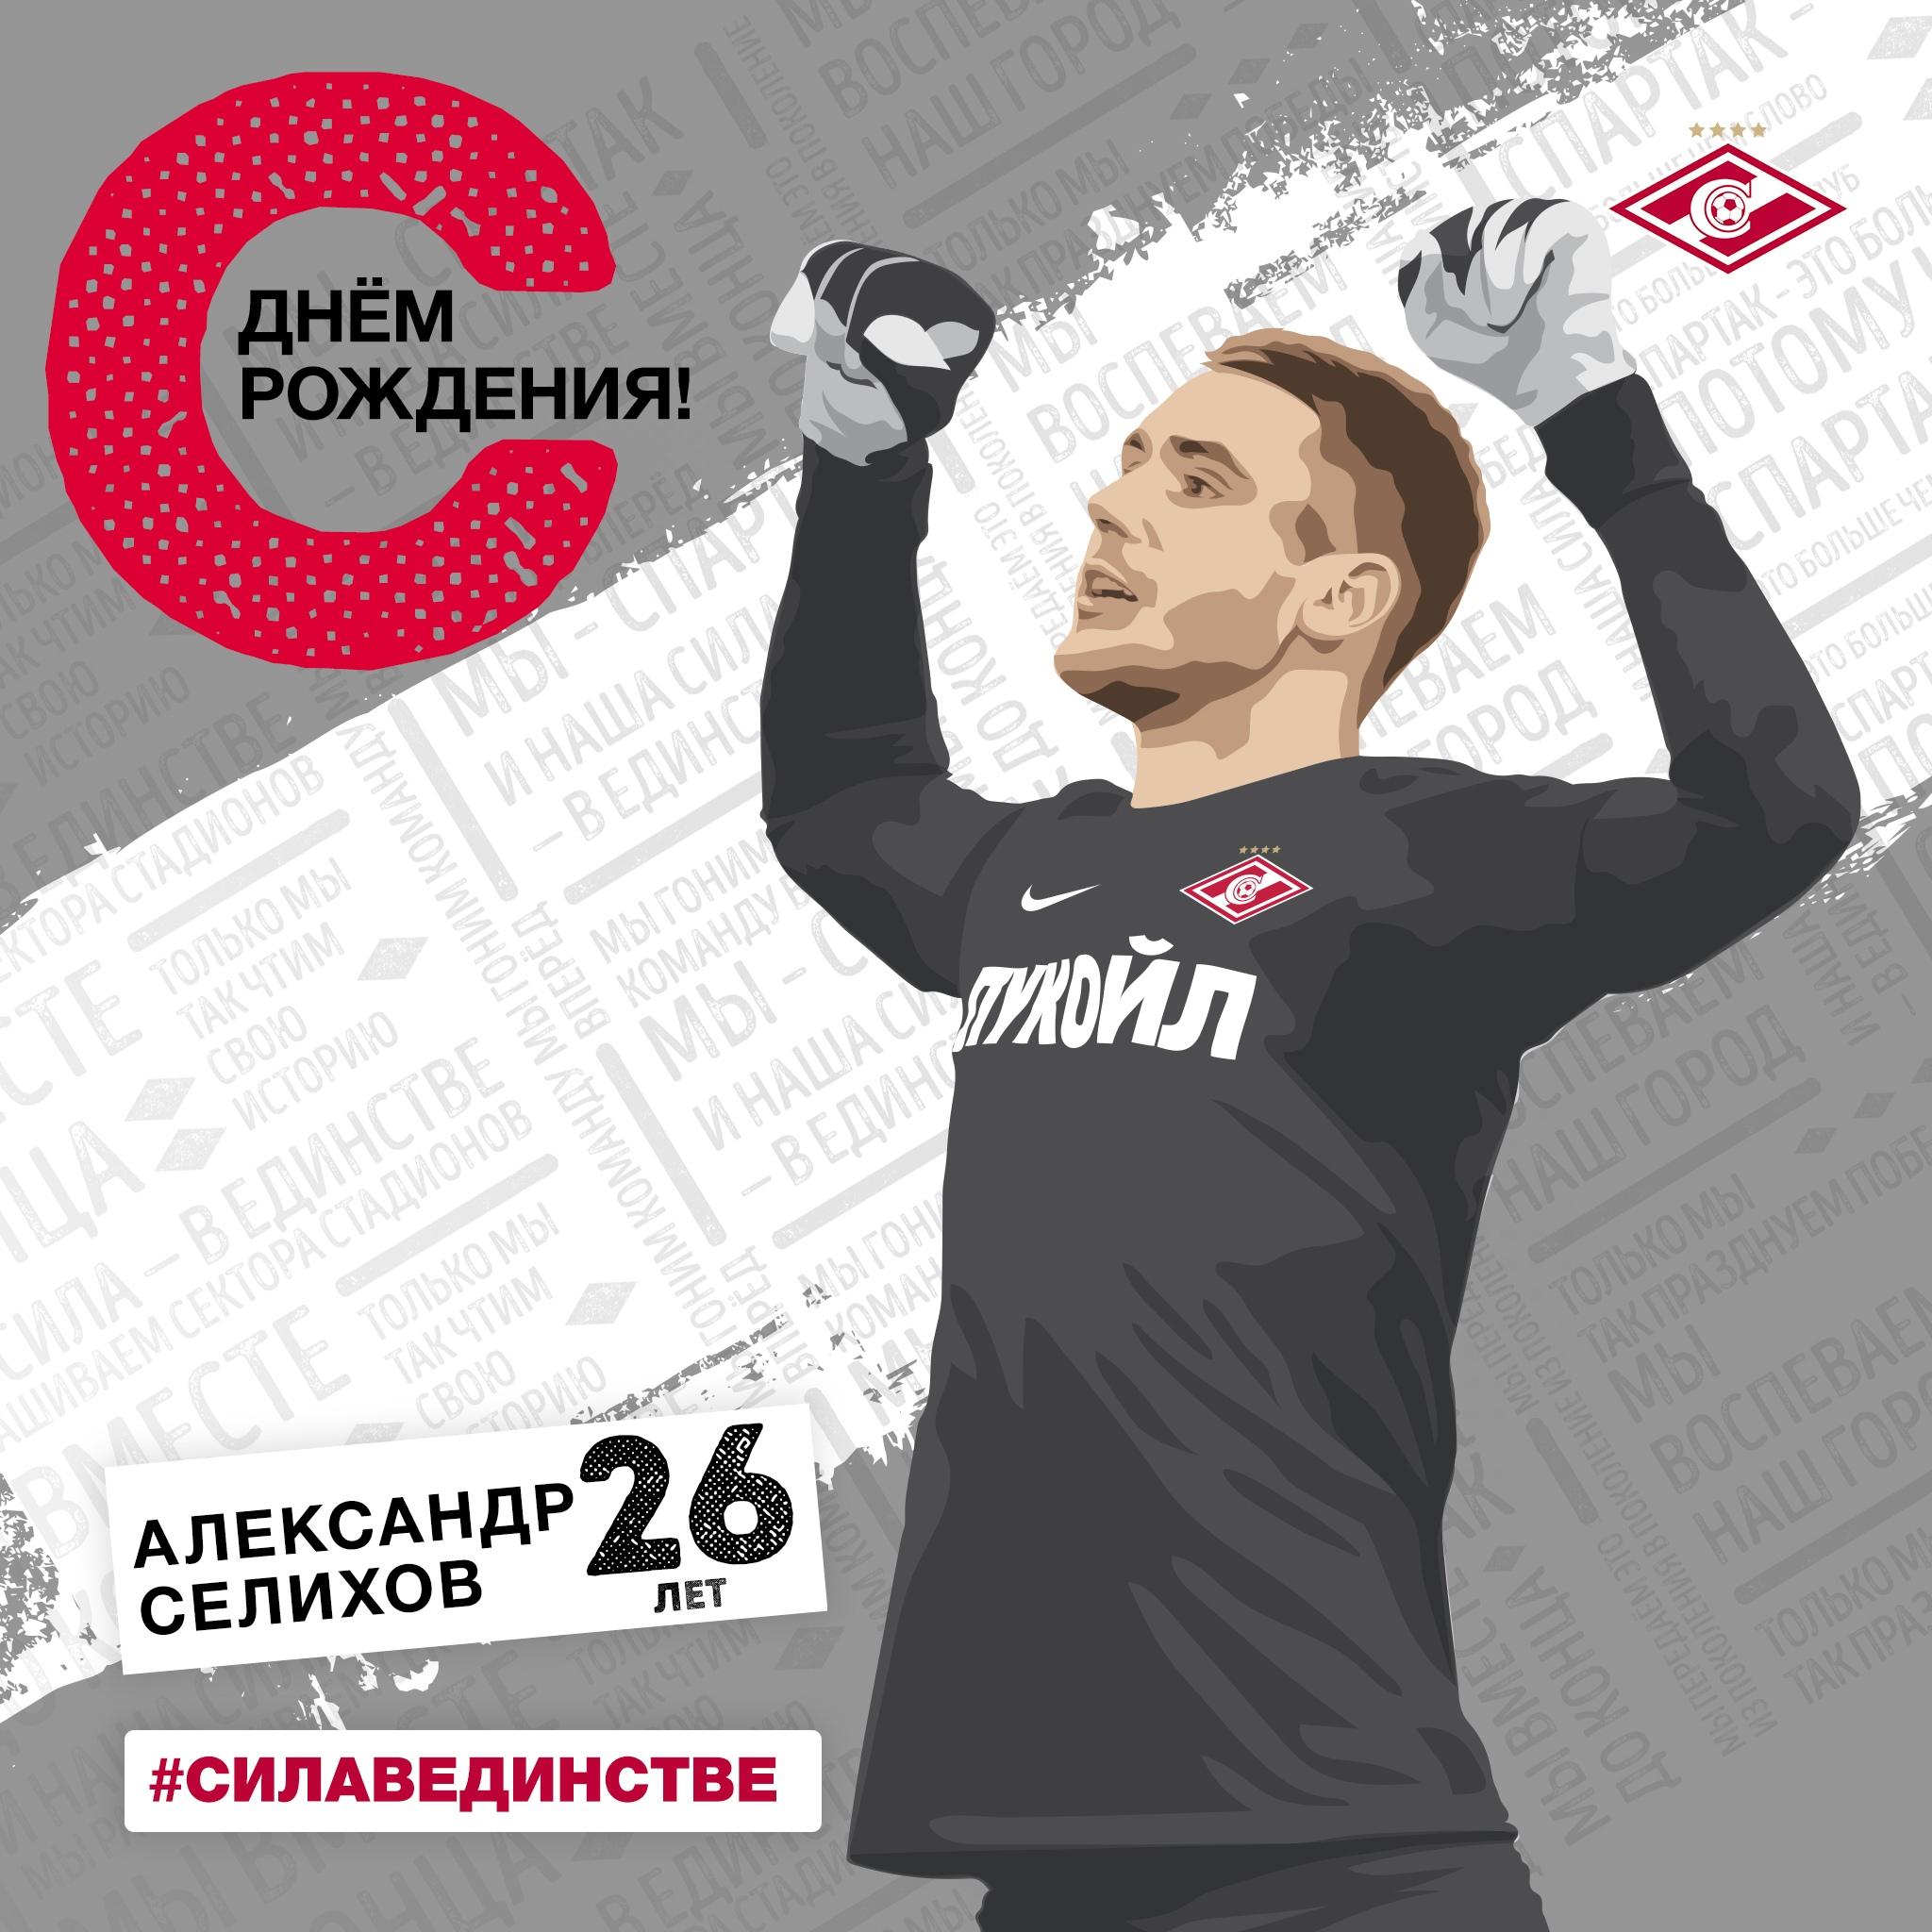 С днем рождения, Александр Селихов!